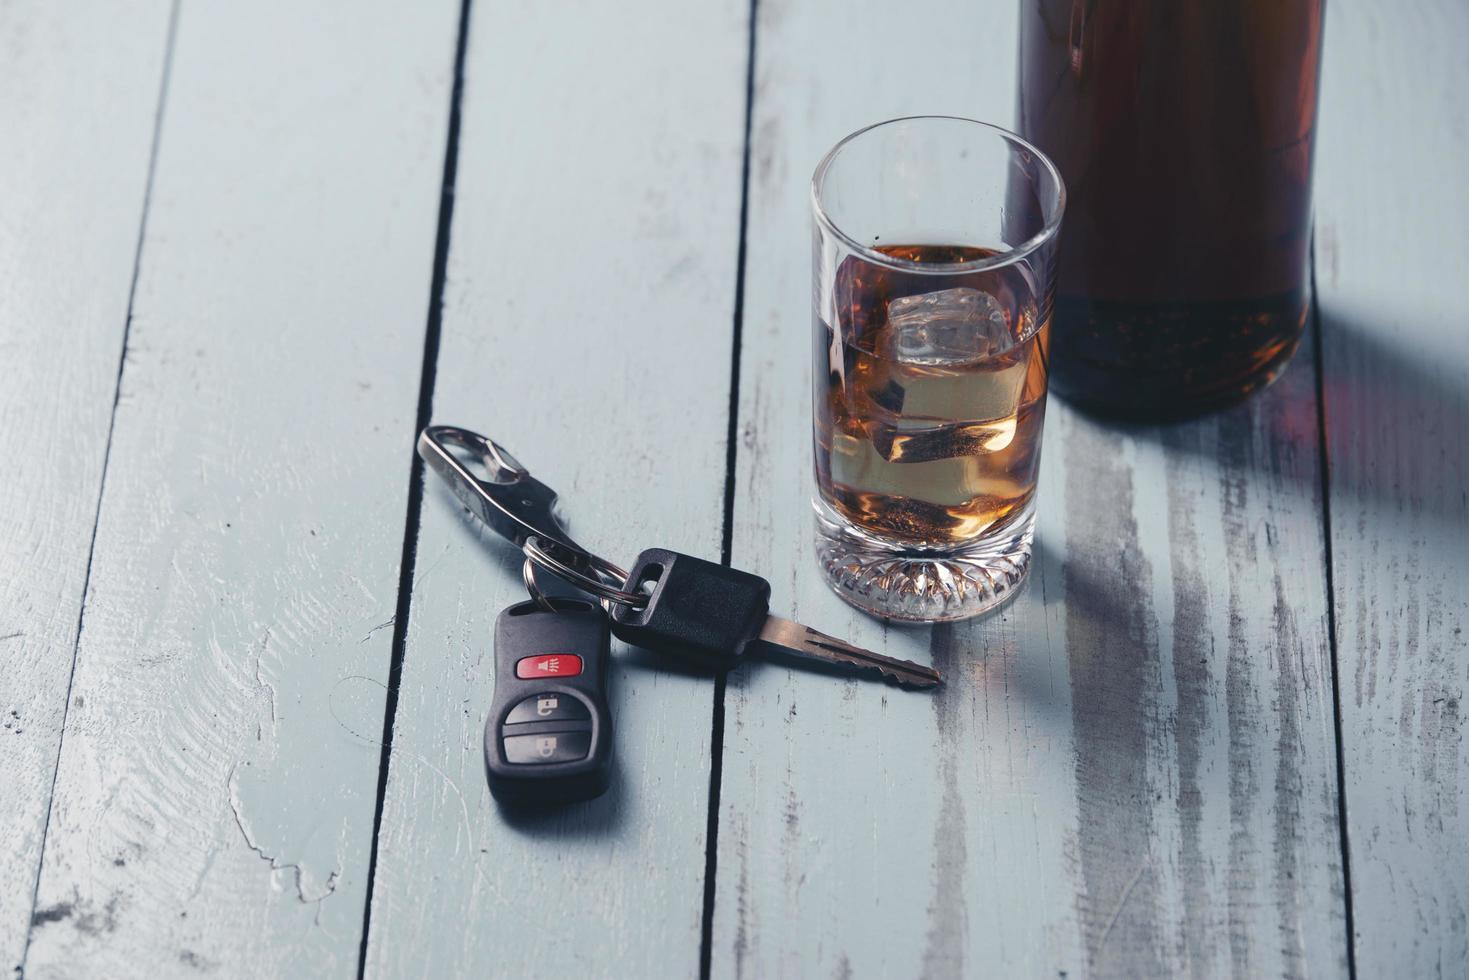 vaso, una botella de alcohol y la llave del coche. foto